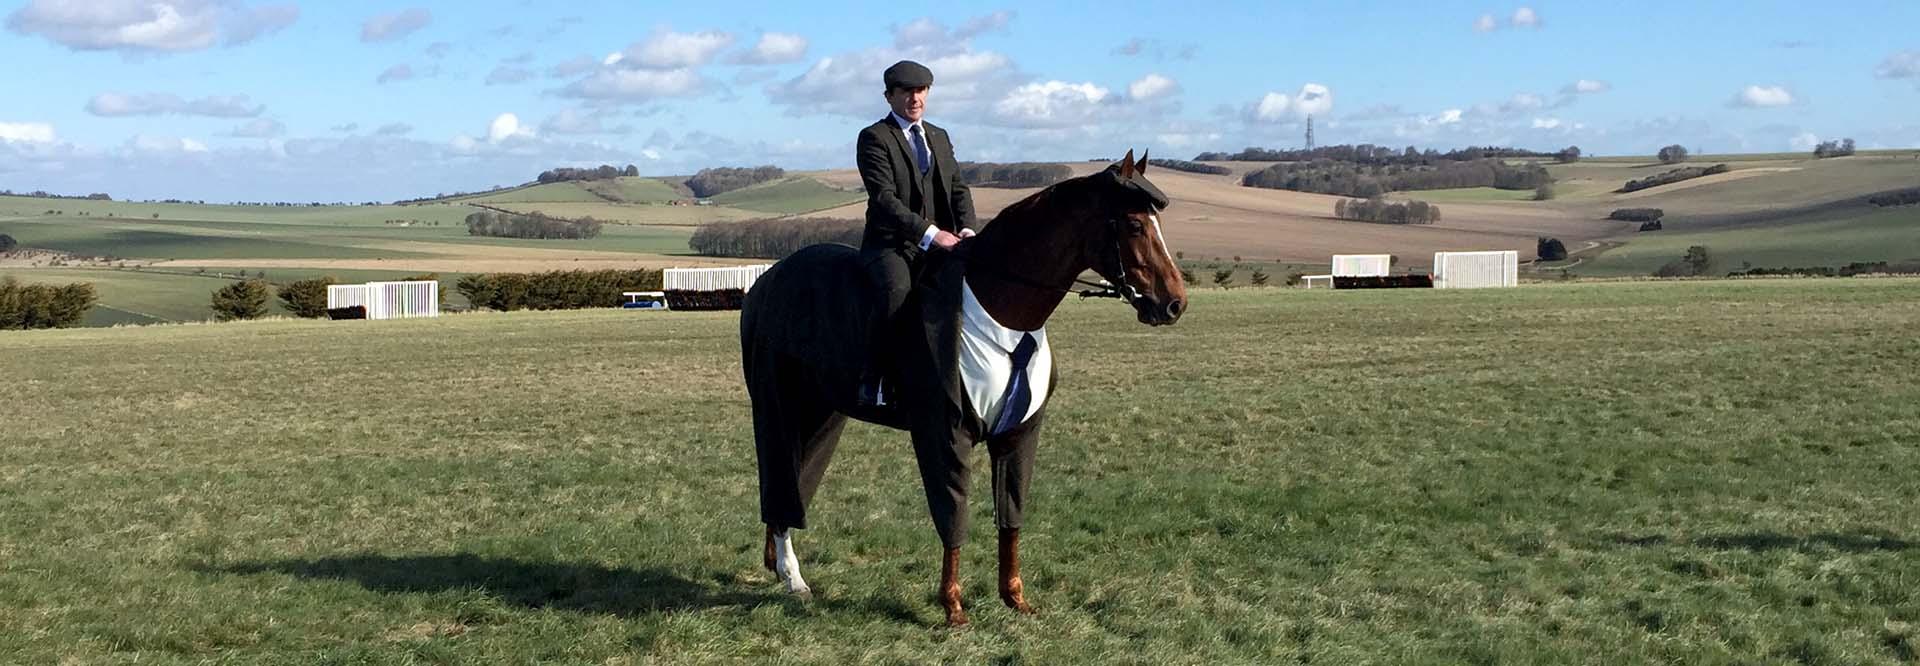 Horses Tweed Suit